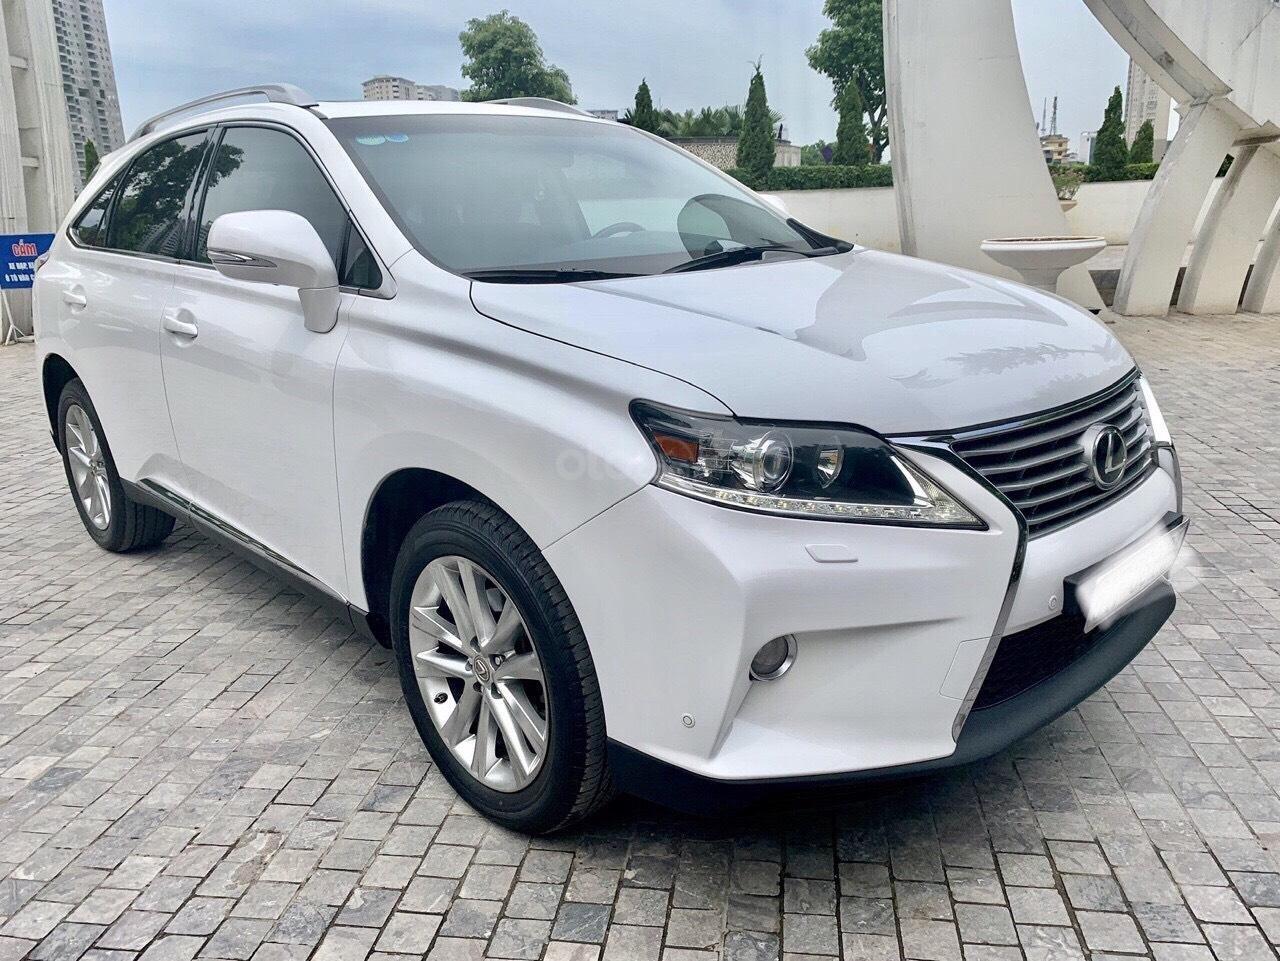 Cần bán xe Lexus RX 350 năm sản xuất 2014, màu trắng, nhập khẩu nguyên chiếc (1)